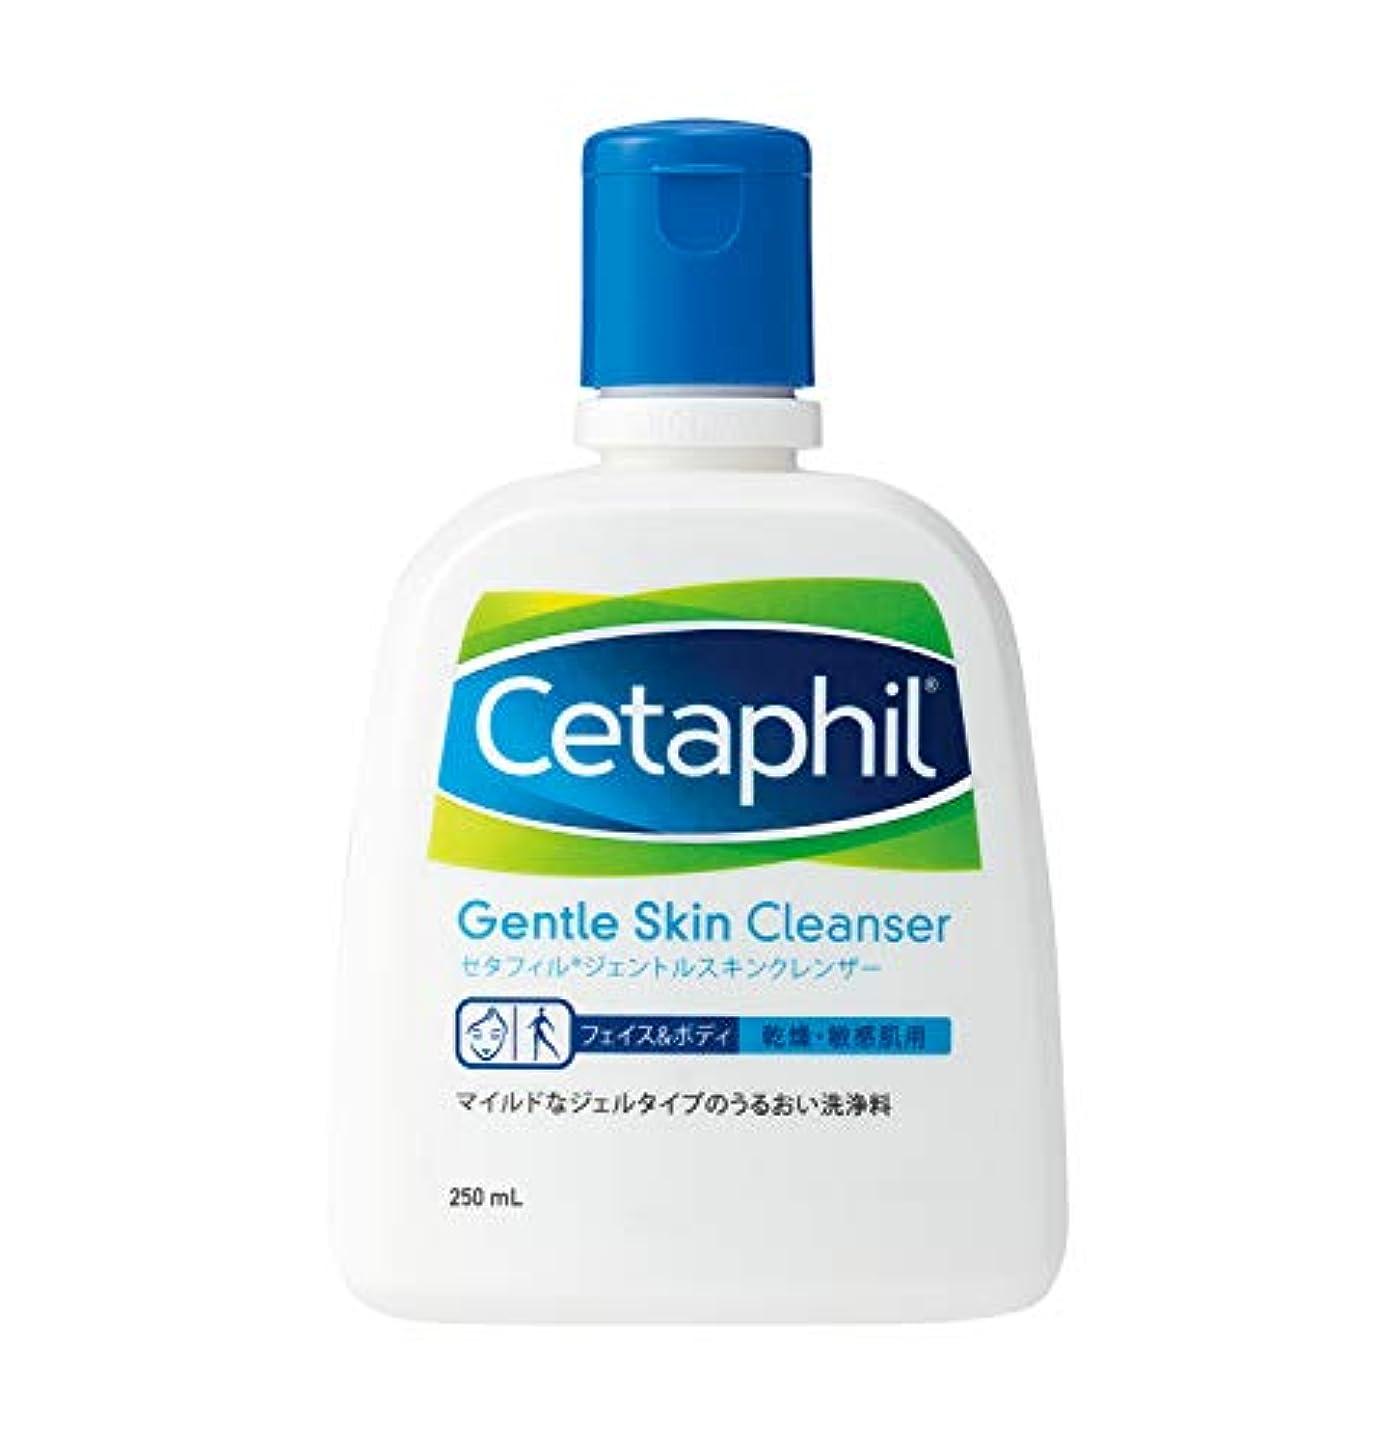 ハリケーン再発する警戒セタフィル Cetaphil ® ジェントルスキンクレンザー 250ml (フェイス & ボディ 洗浄料 クレンザー)